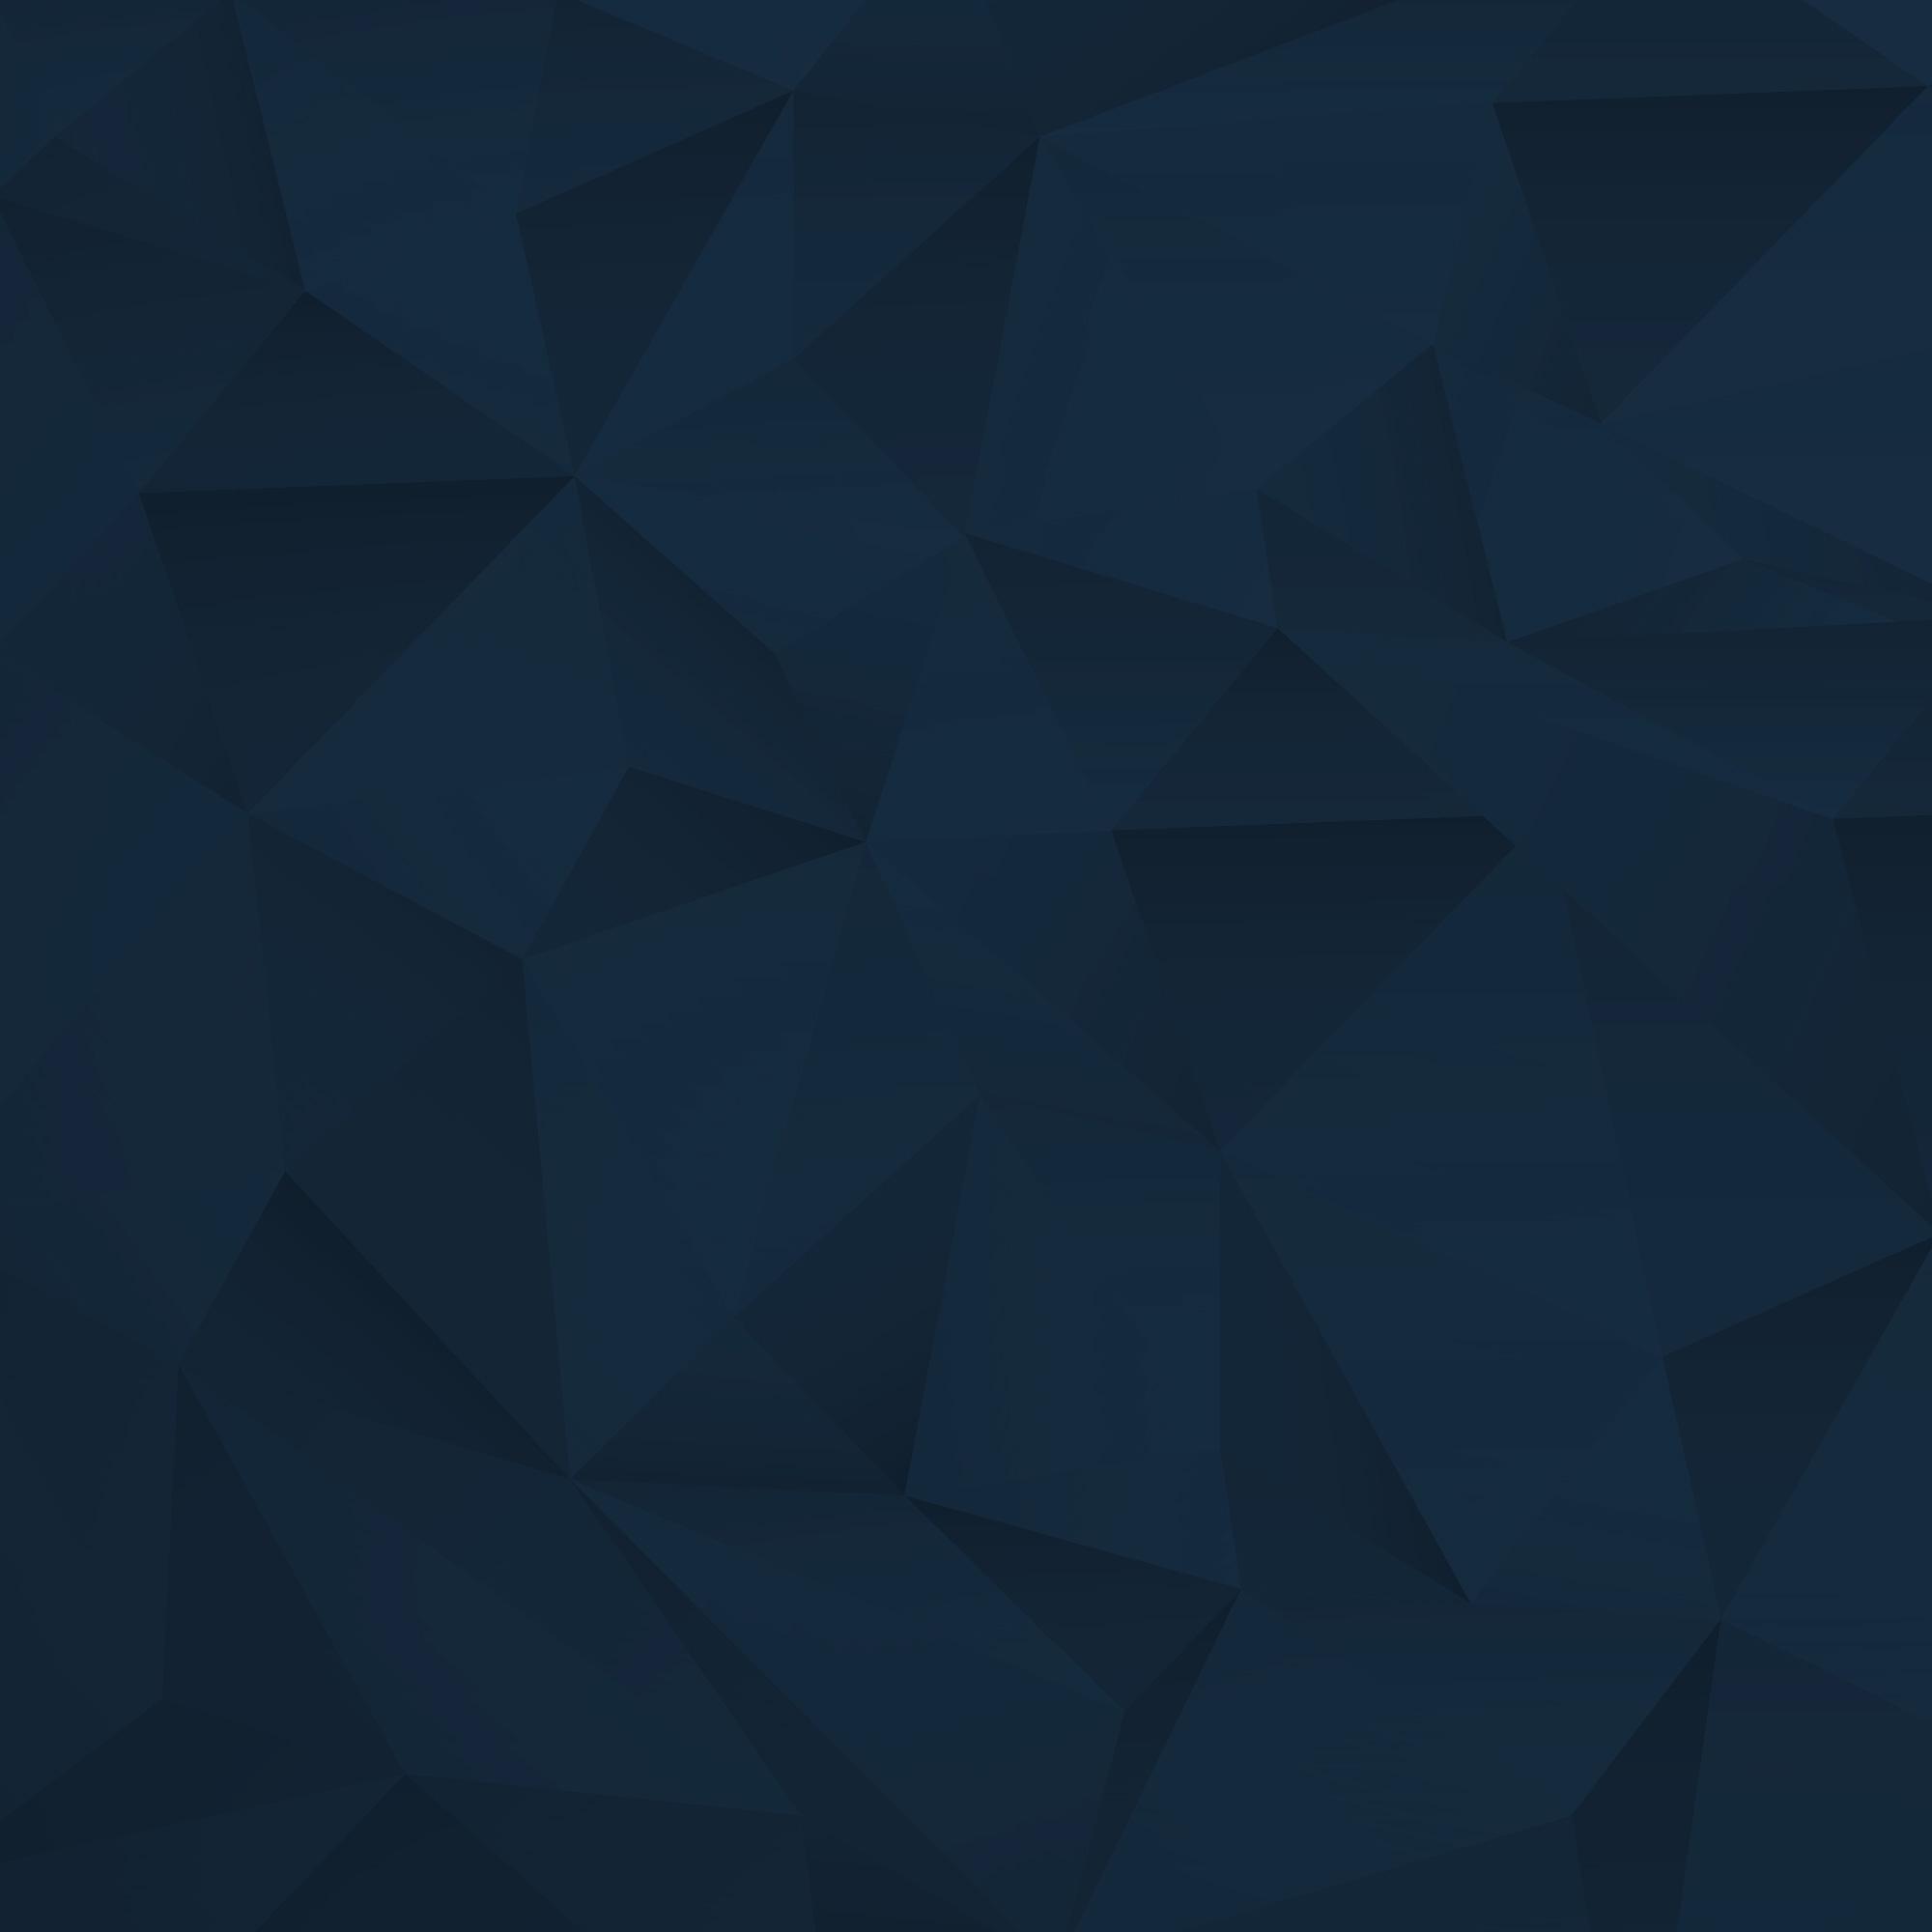 Blue Polygon Background - Rosen Markov